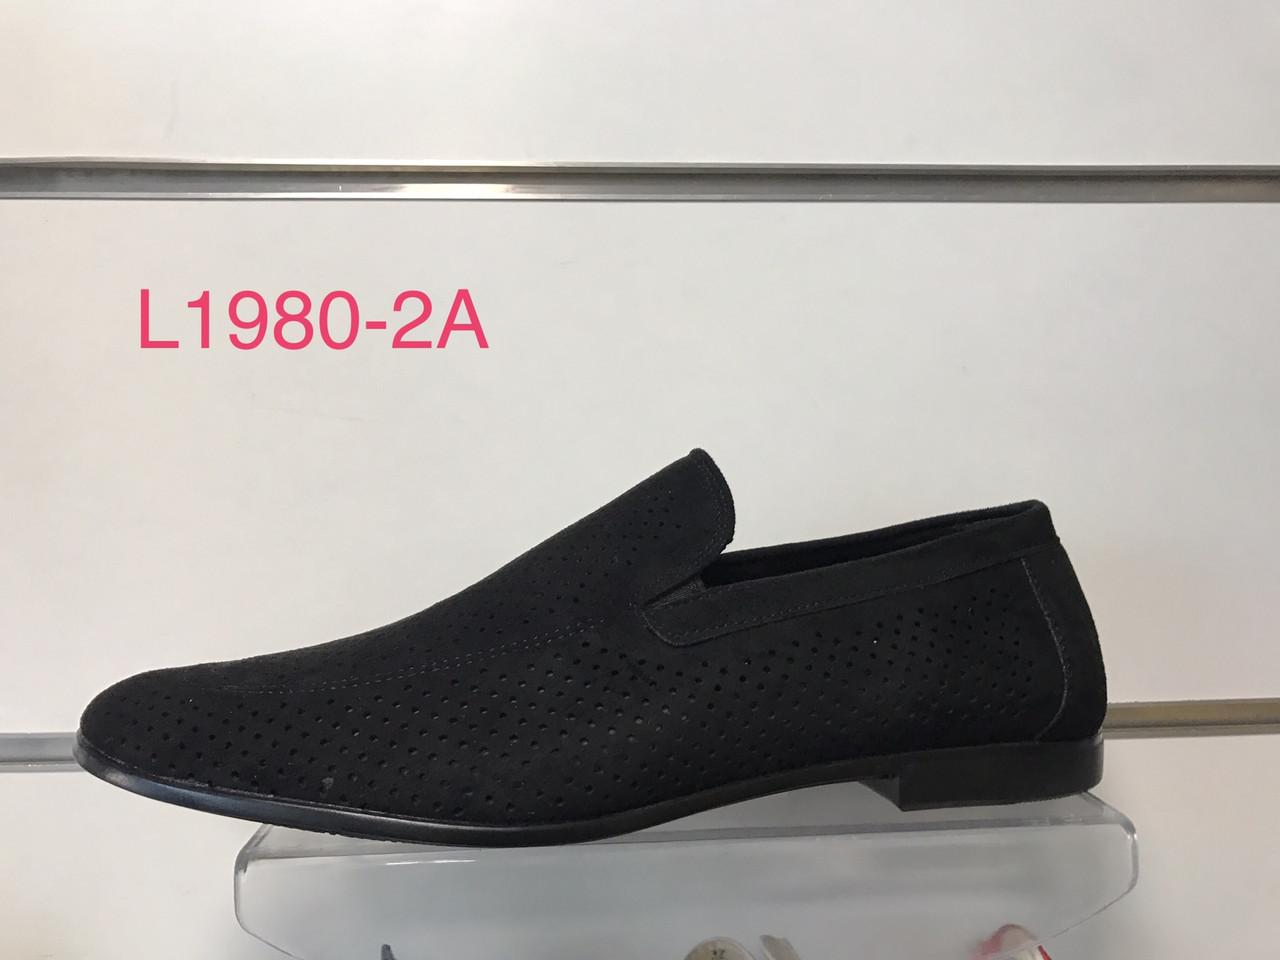 Туфли мужские Stylen Card L 1980-2A